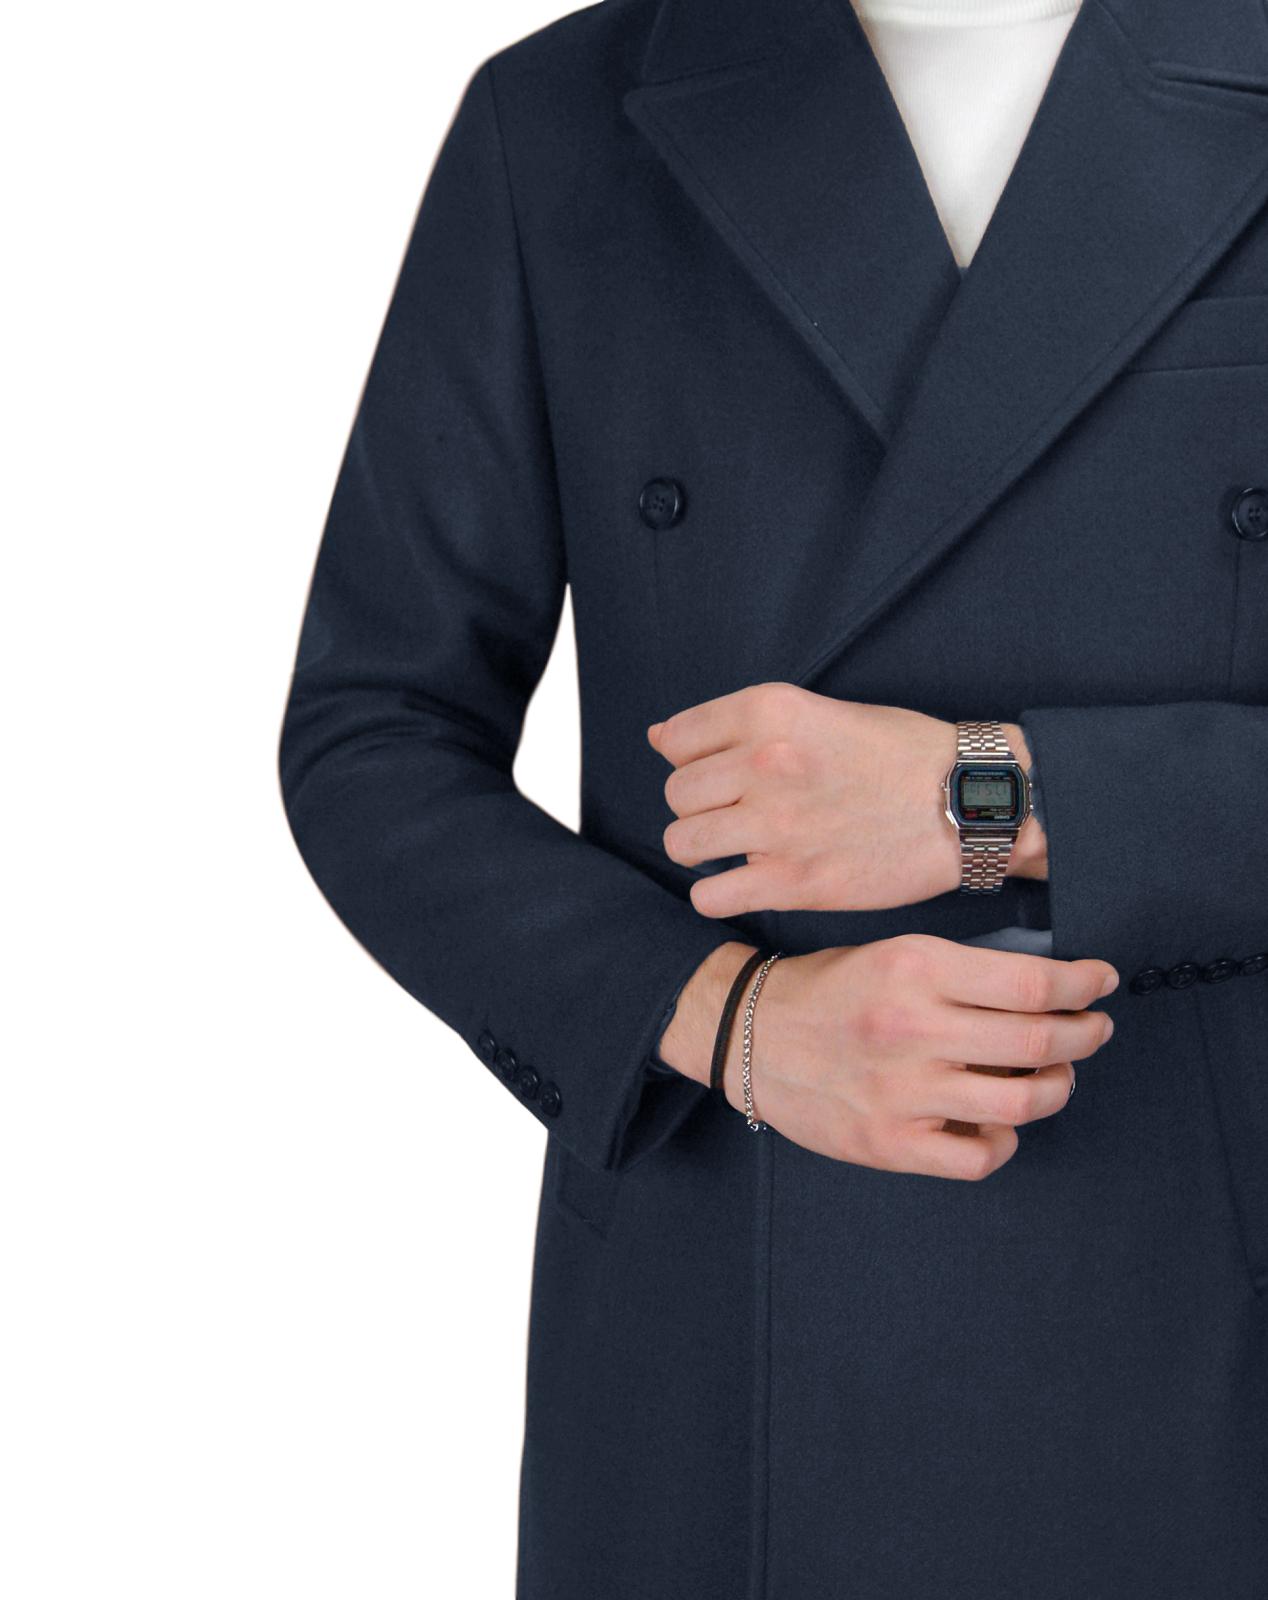 Cappotto-Doppio-Petto-Uomo-Invernale-Cappottino-Elegante-Lungo-Trench miniatura 18